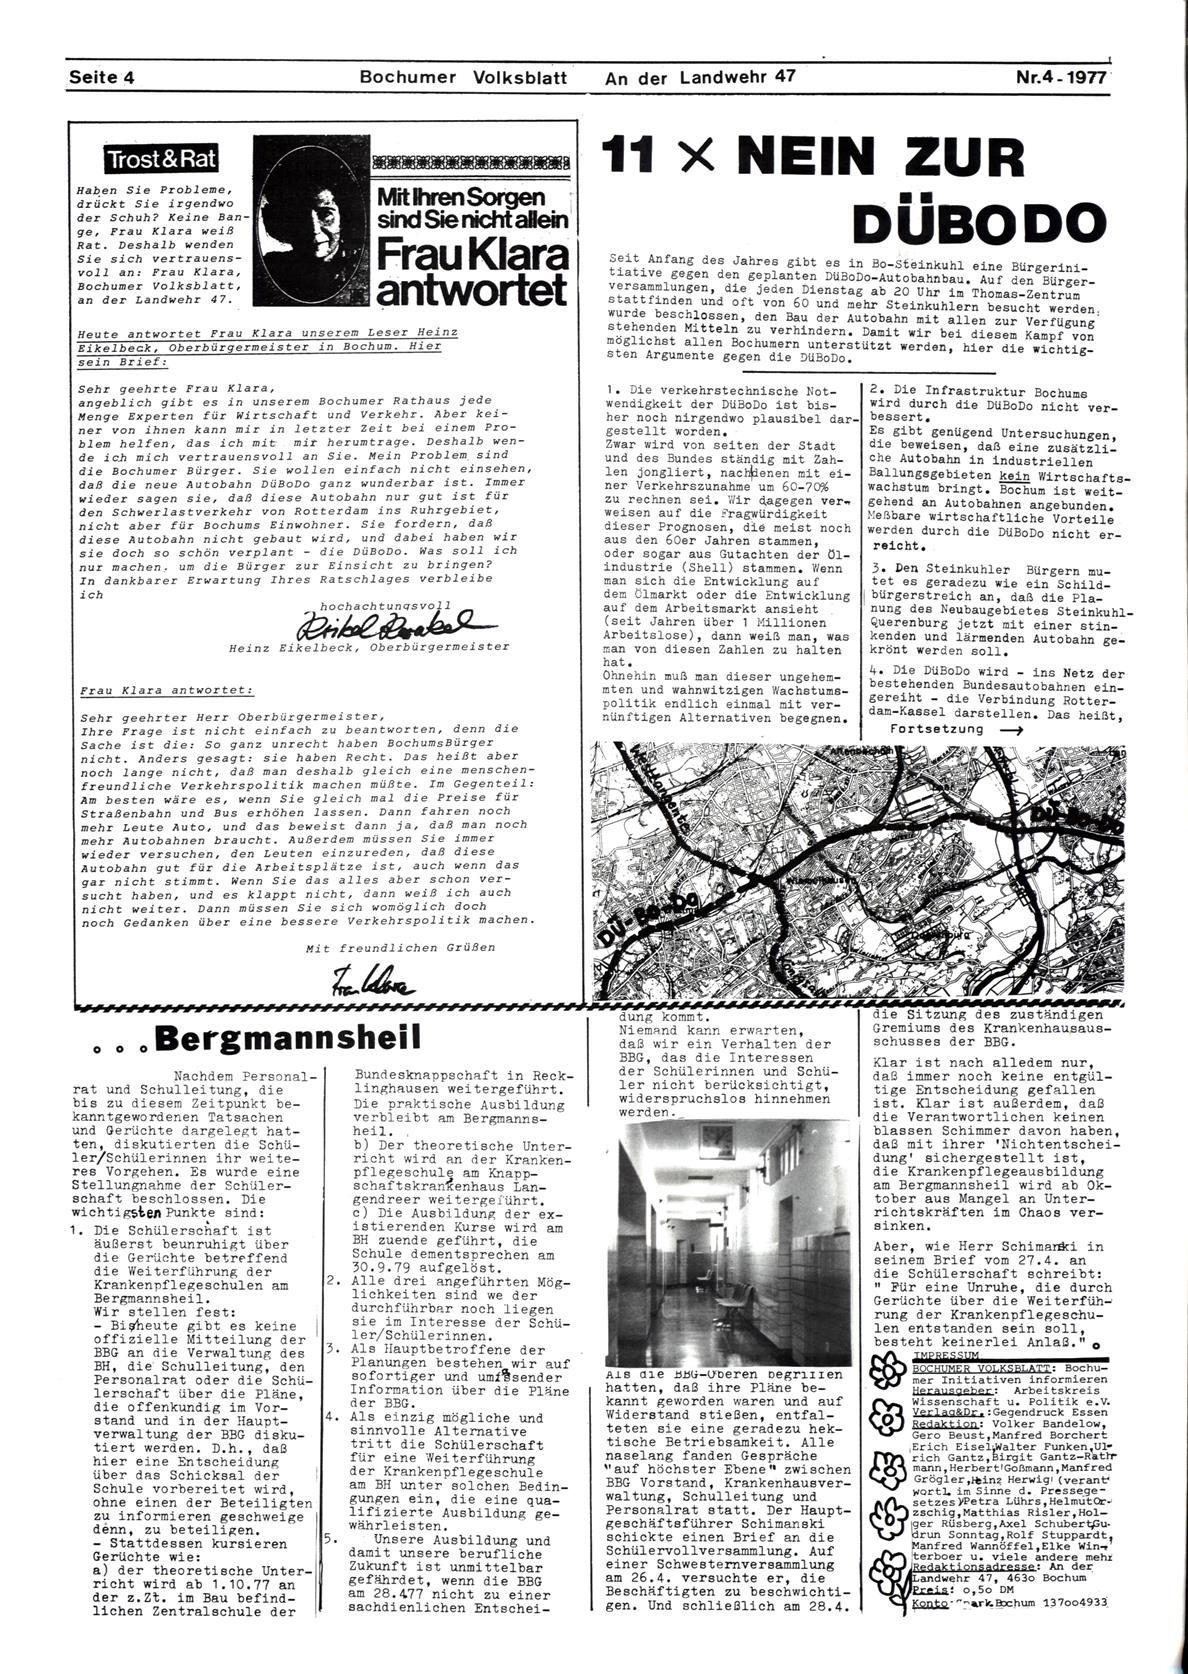 Bochum_Volksblatt_19770500_04_04